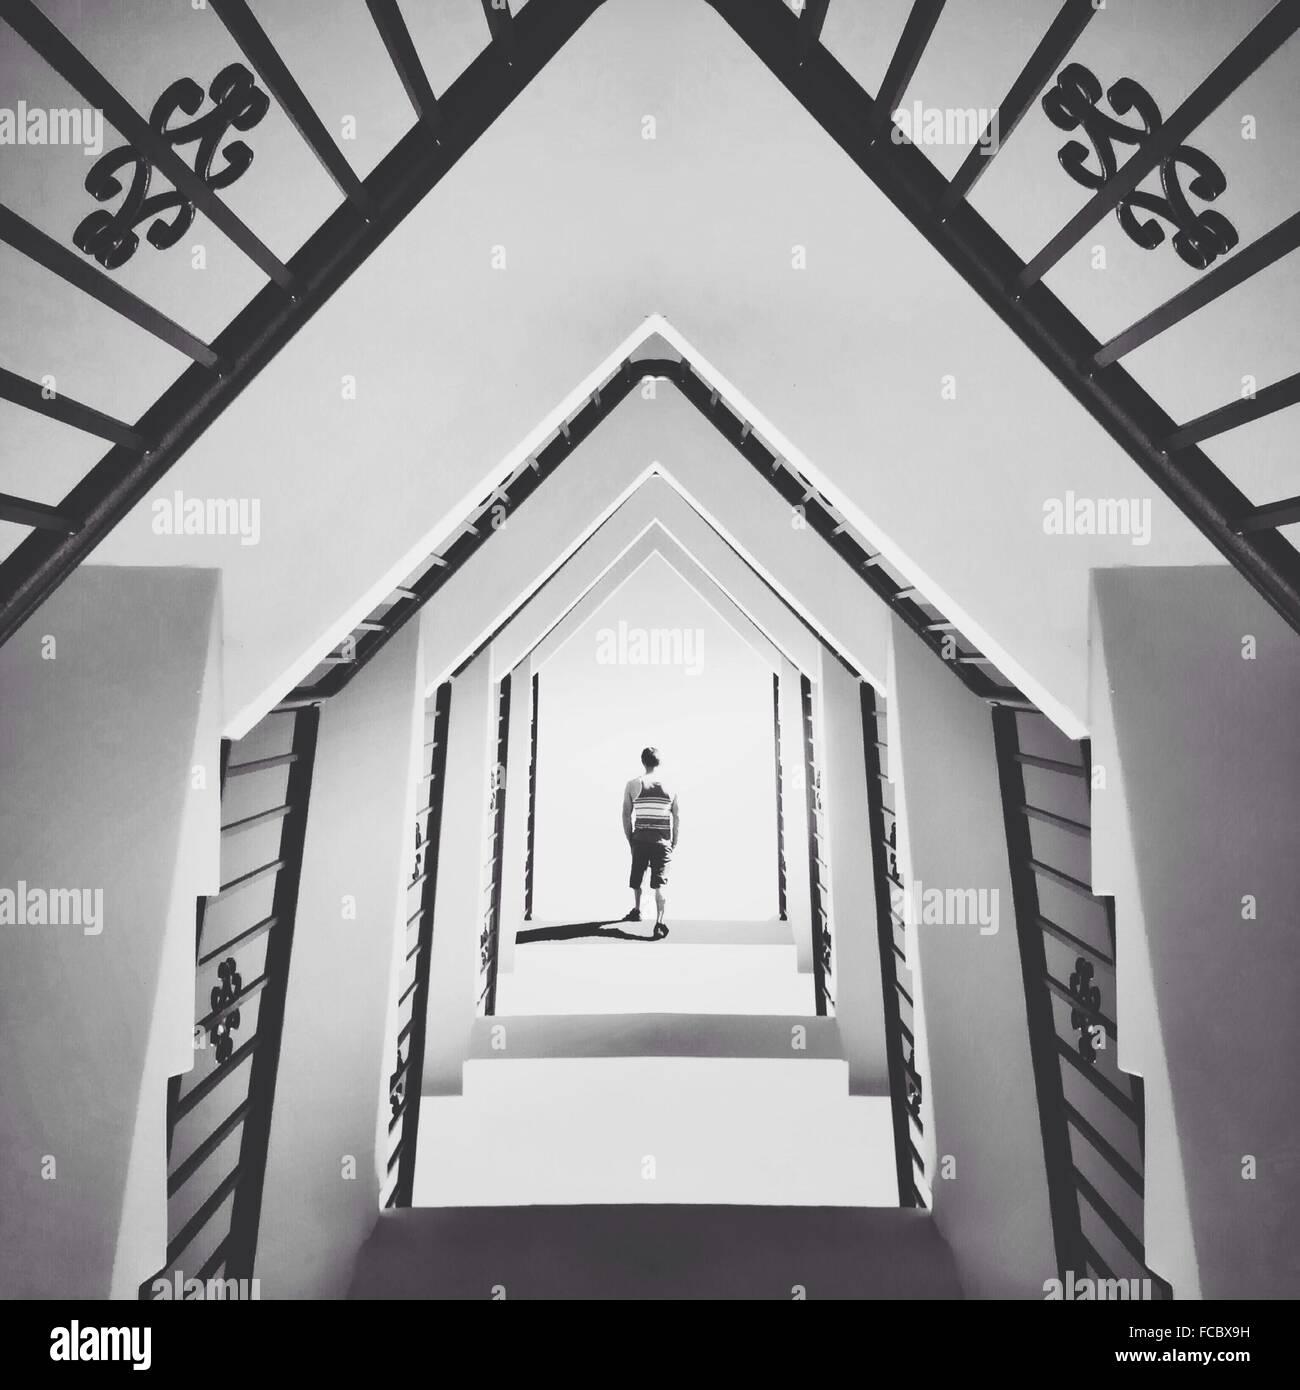 Hombre caminando en la construcción abstracta Imagen De Stock